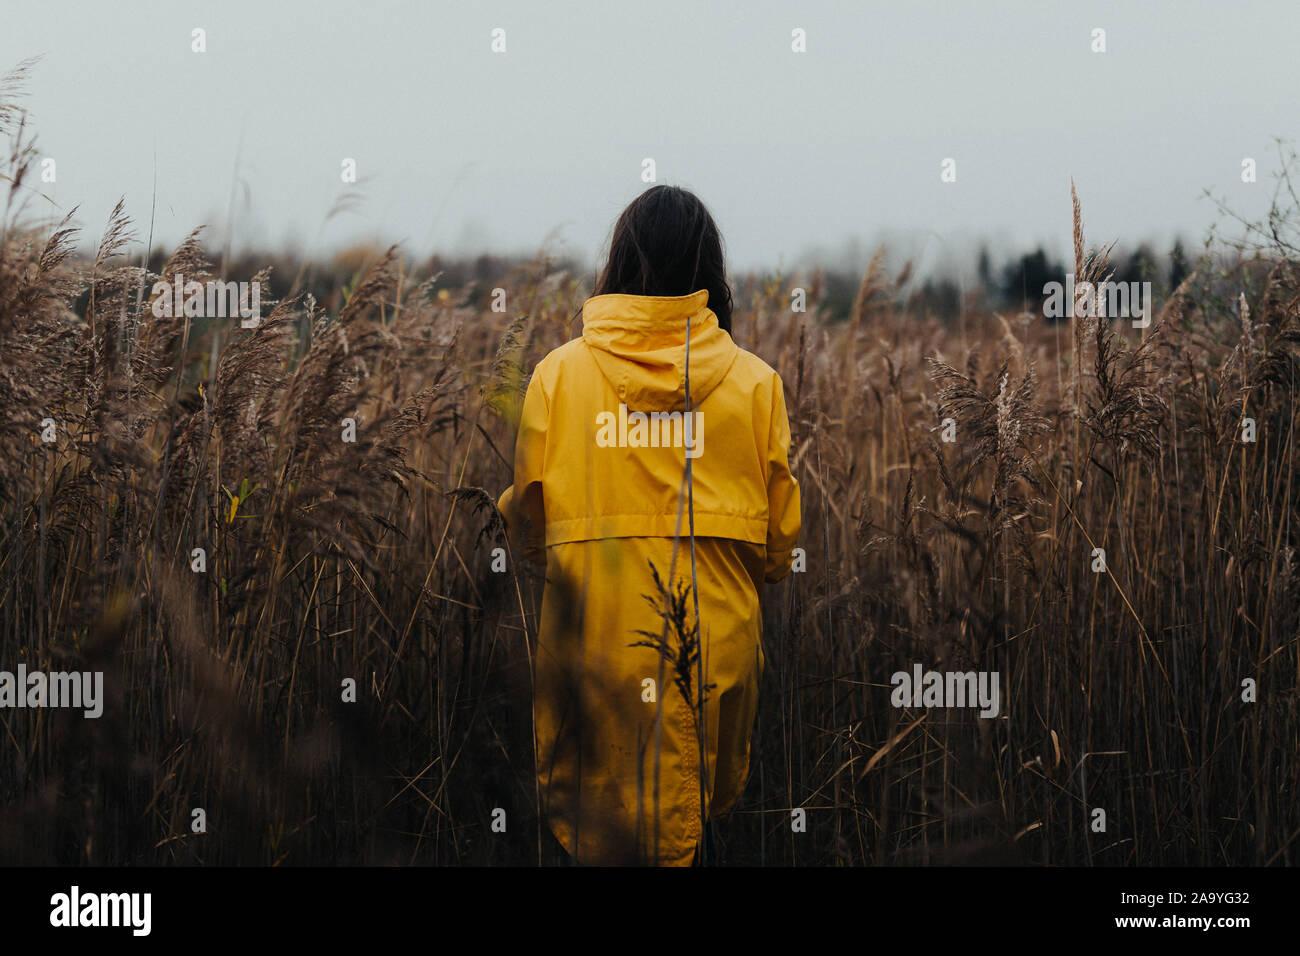 Femmina in erba alta giallo che indossa la pioggia e il cappotto di guardare lontano dalla telecamera - Moody scenario autunnale con una giovane ragazza in abbigliamento luminoso camminare in alta g Foto Stock